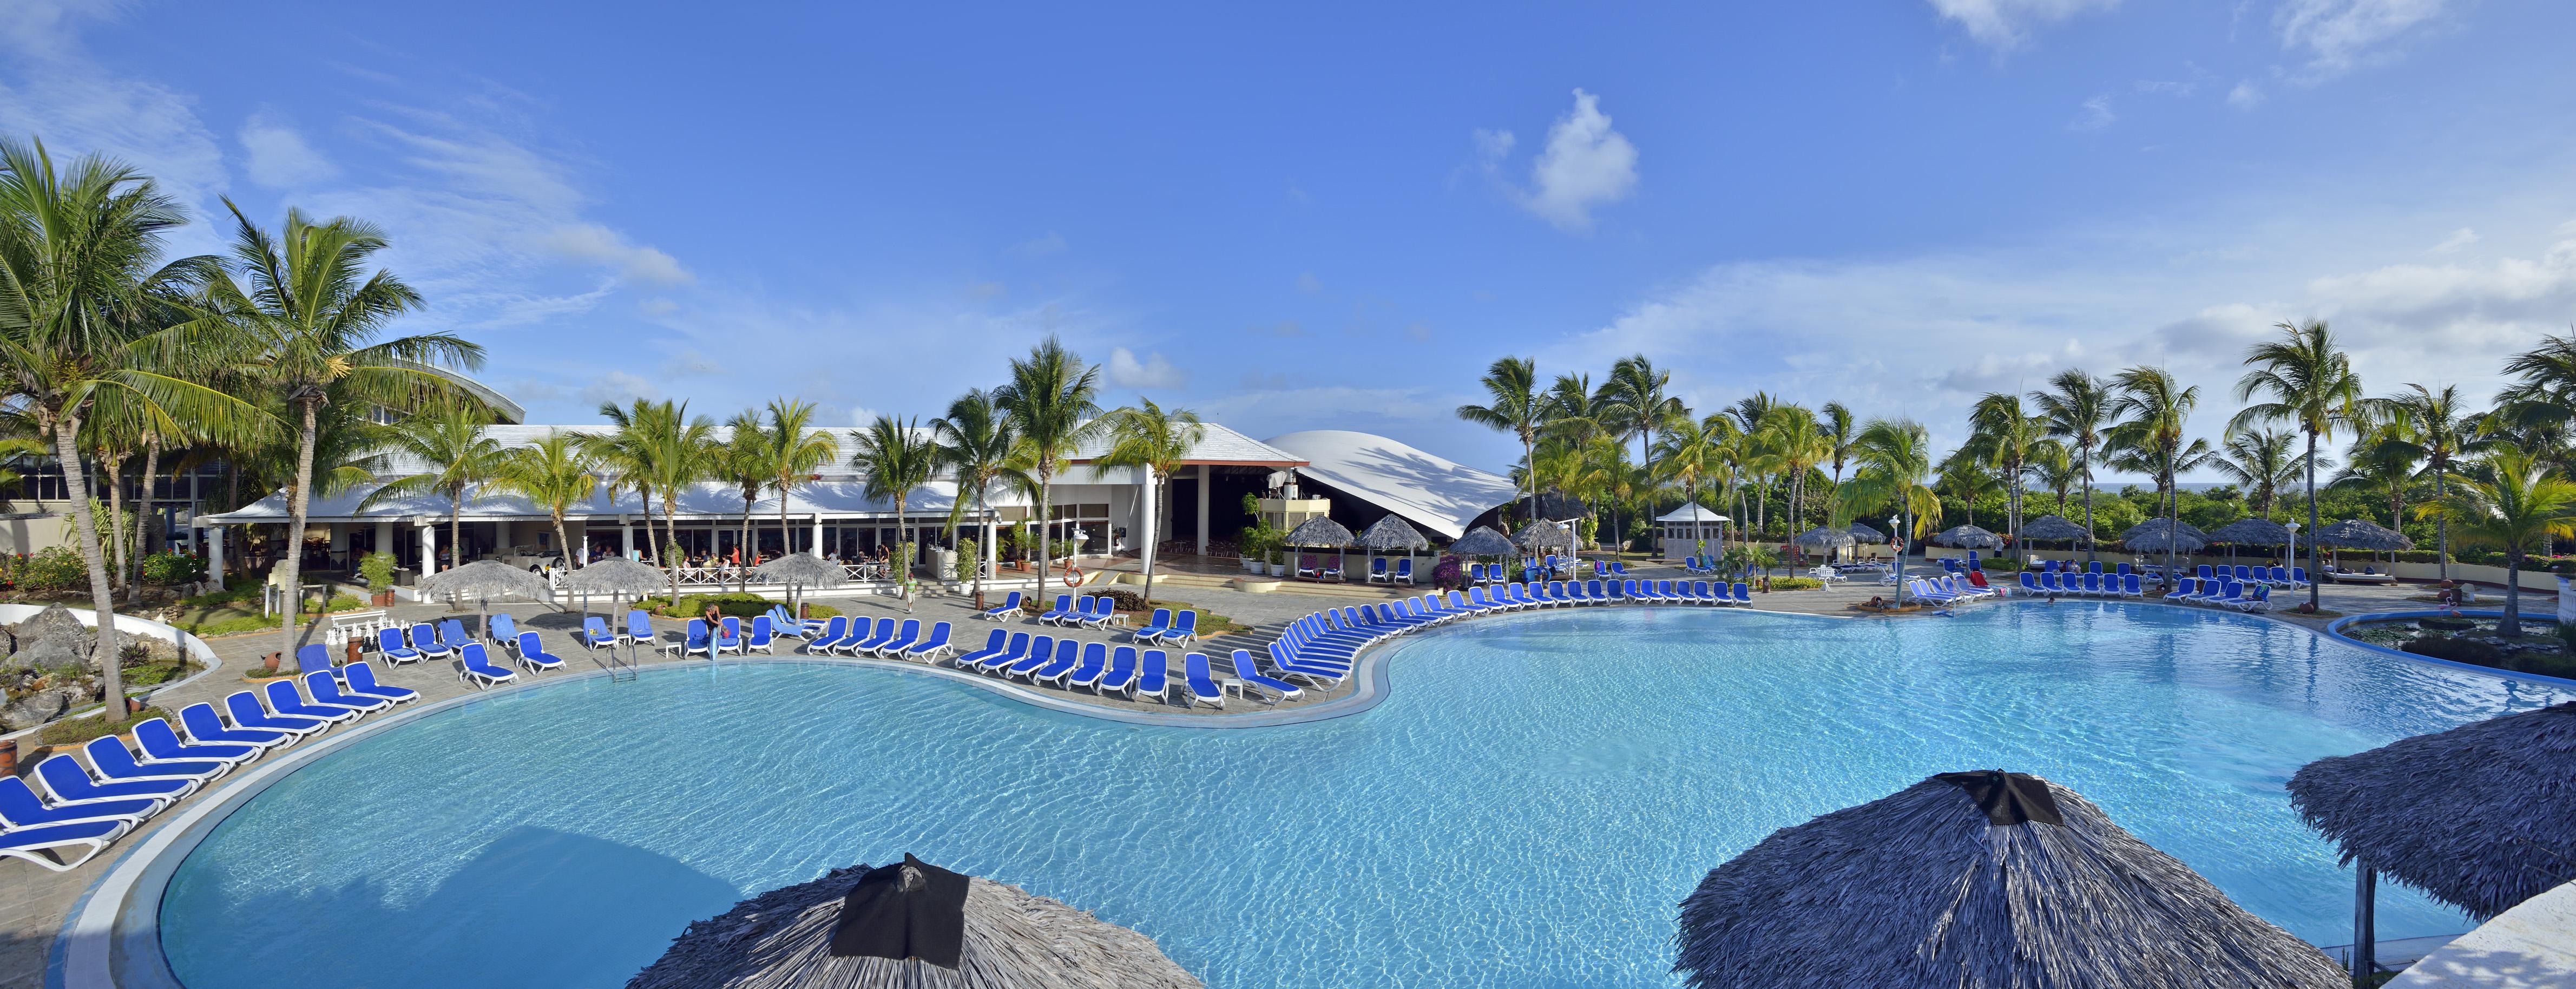 hotel review reviews playa coco cayo jardines archipelago ciego avila province cuba